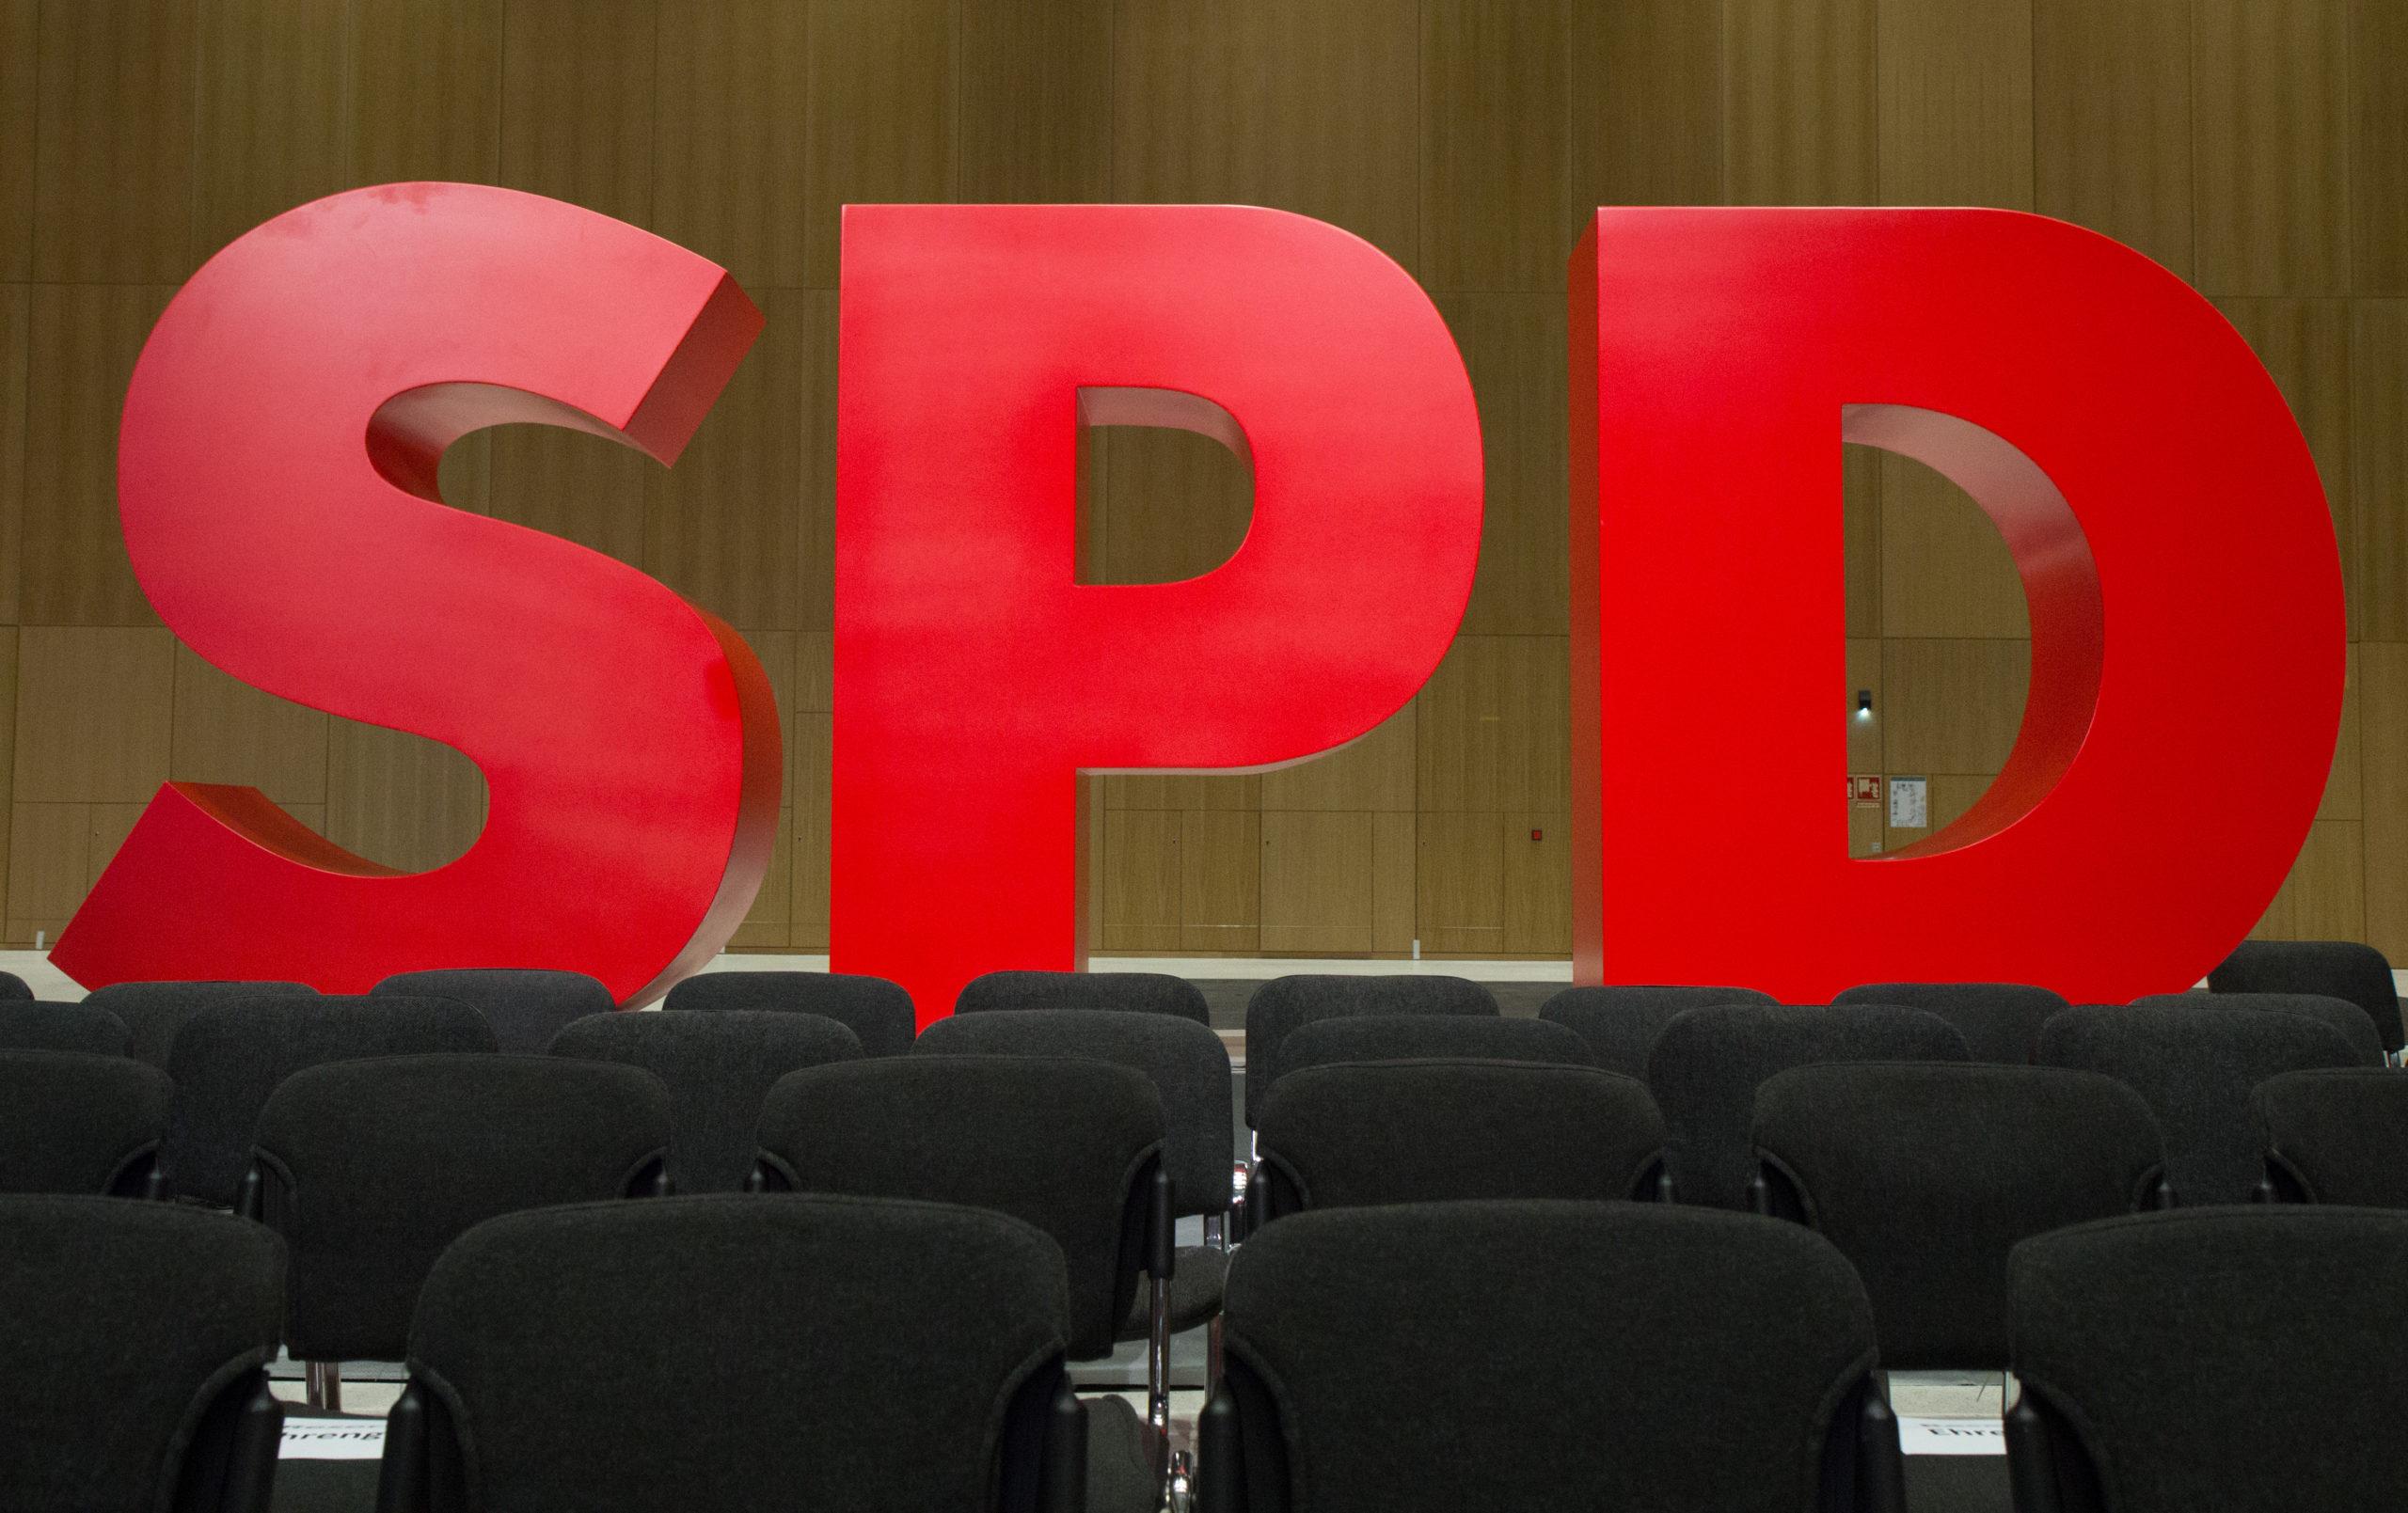 spd_partei_politik_deutschland_bundesparteitag